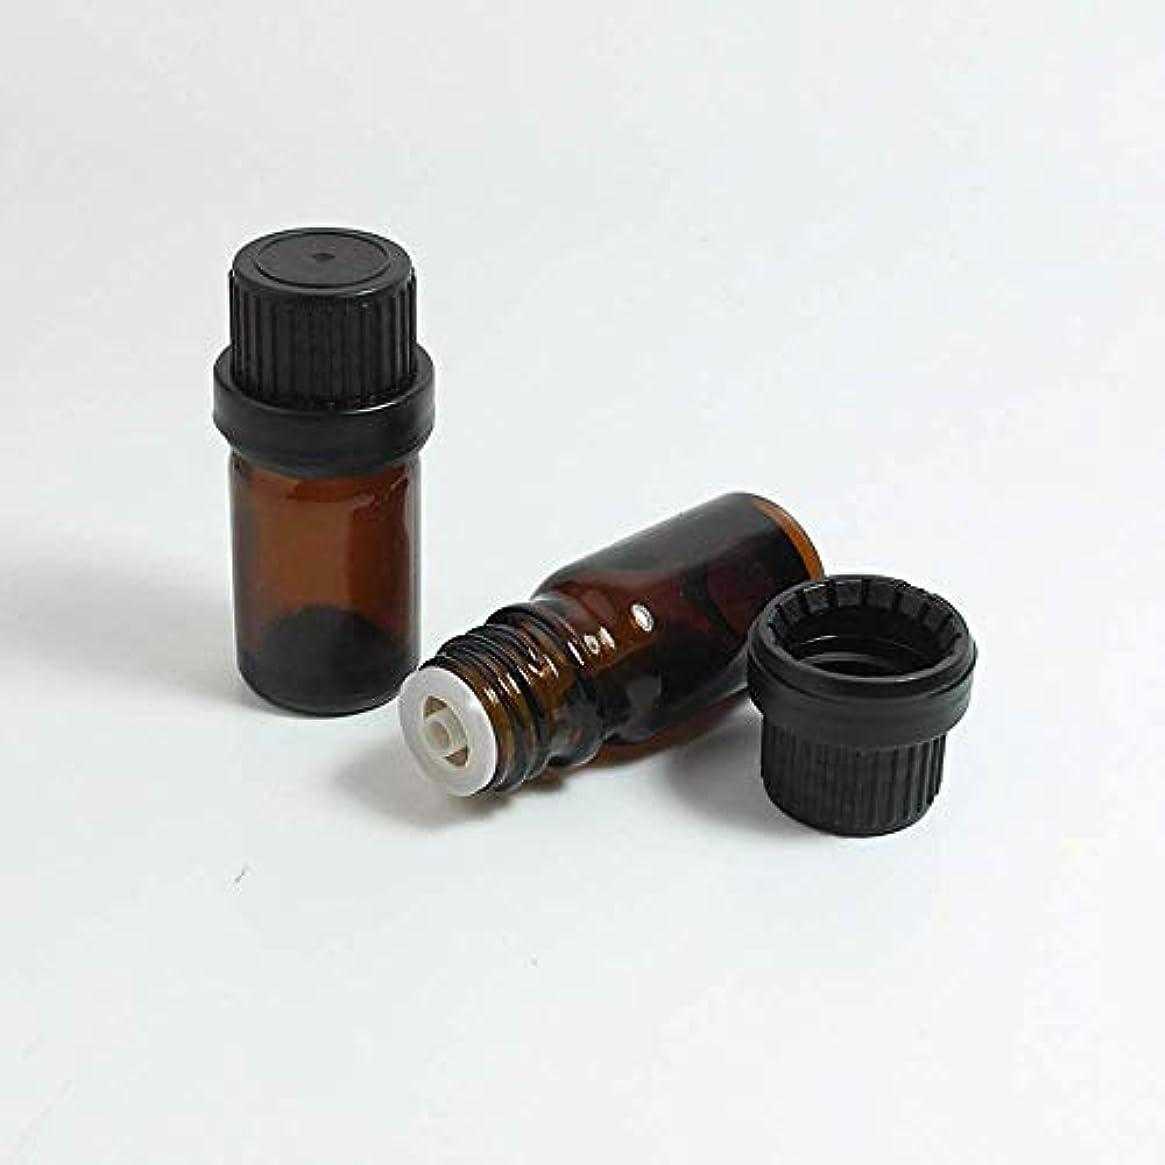 キャンパス文化エスカレートSimg アロマオイル 精油 遮光瓶 セット ガラス製 エッセンシャルオイル 保存用 保存容器詰め替え 茶色 10ml 5本セット